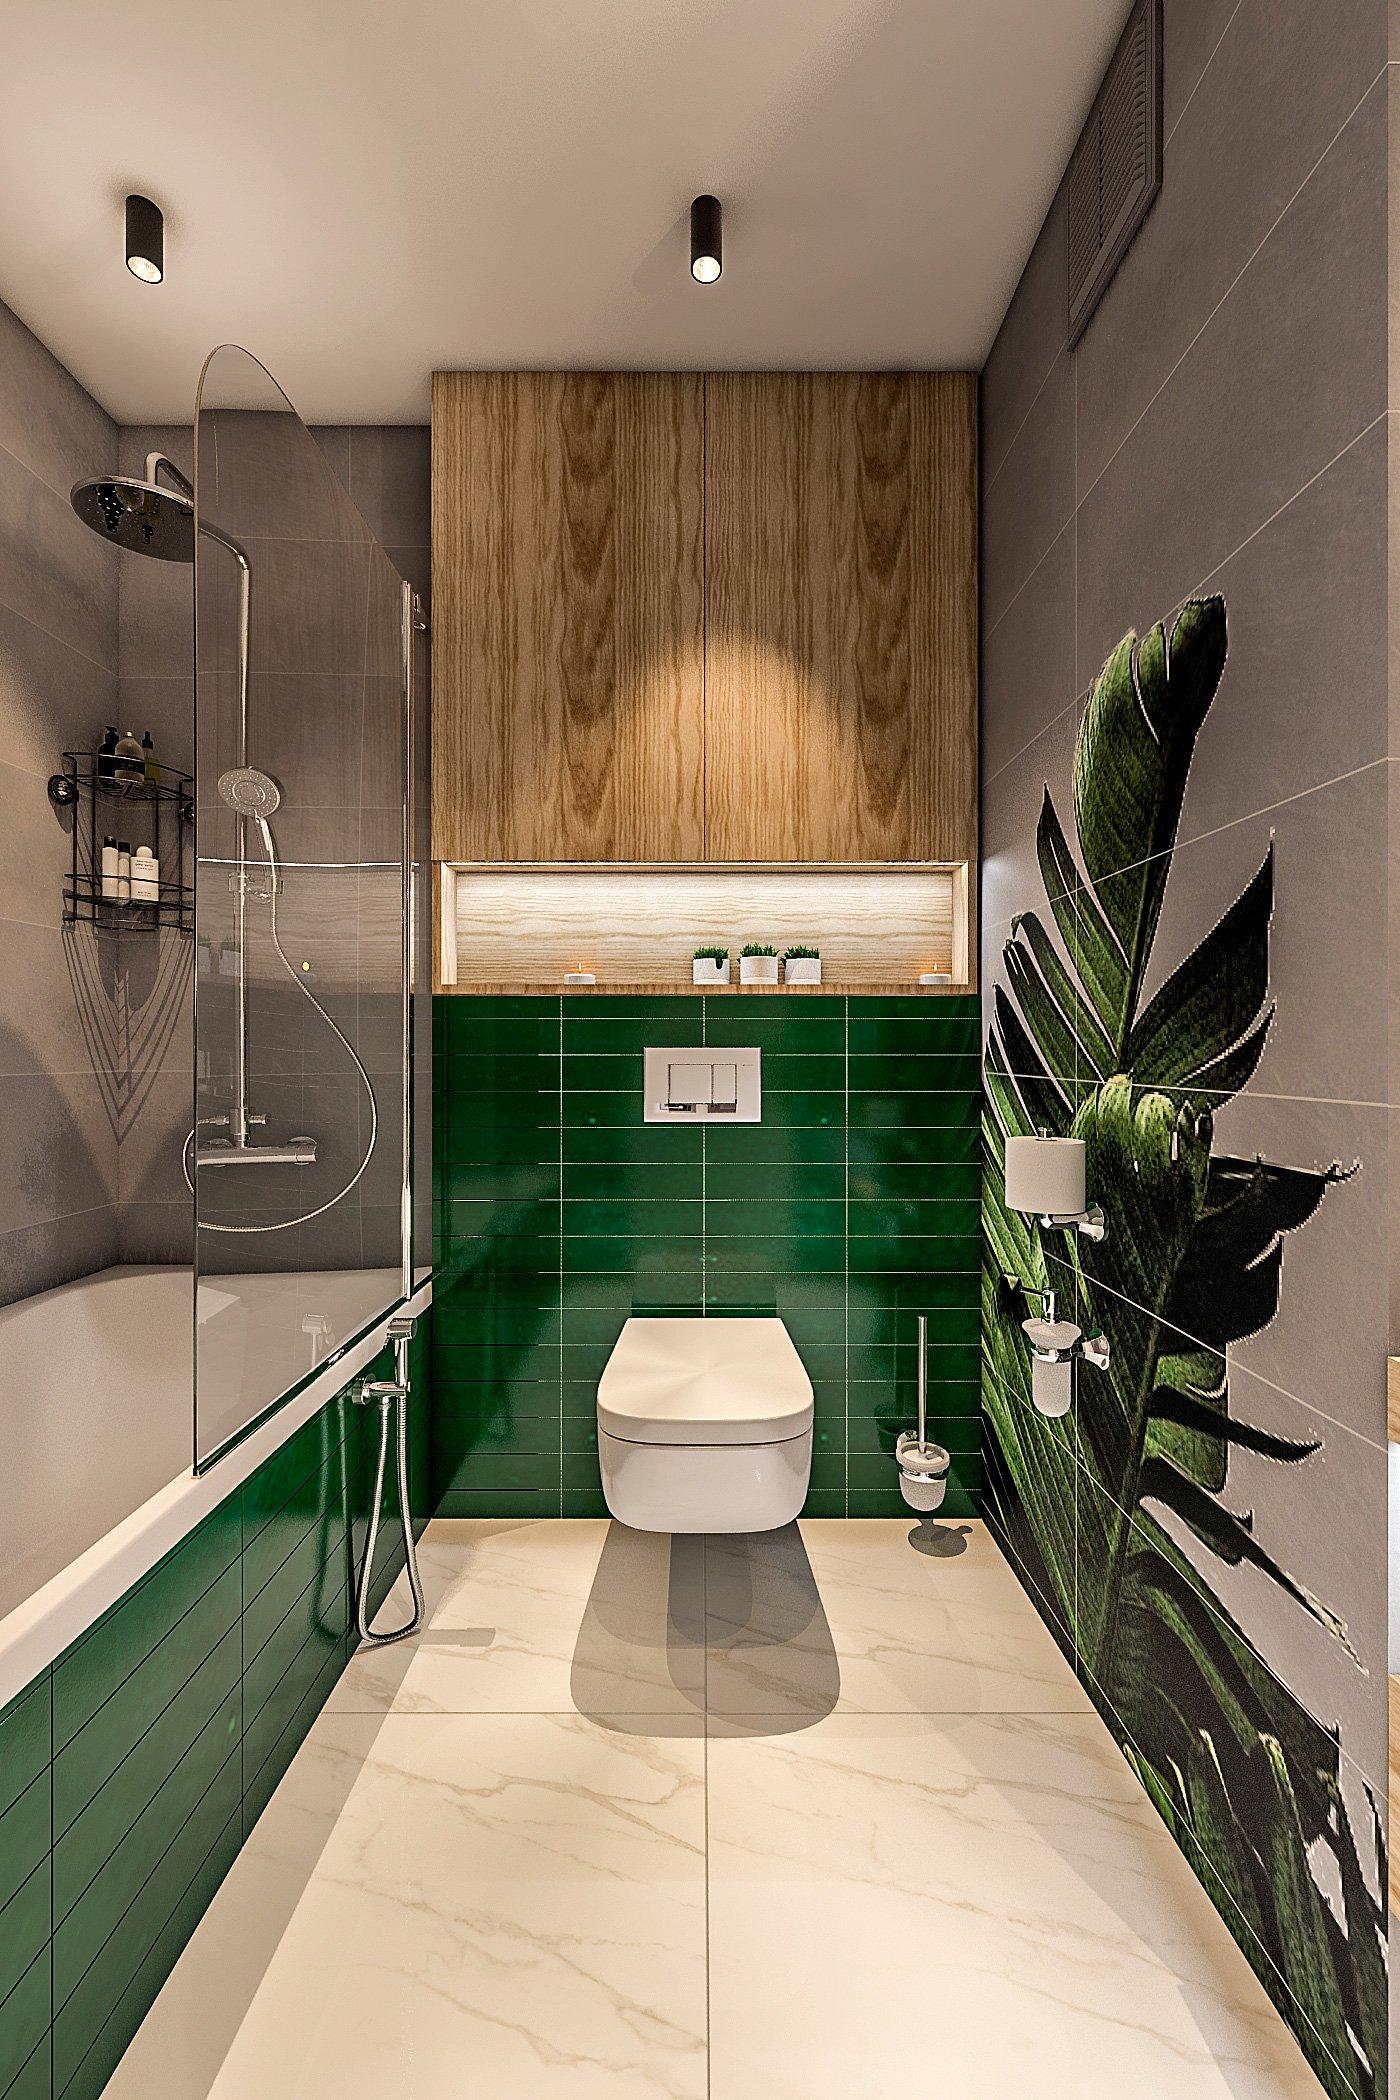 """дизайн санузла в современном стиле, круглое зеркало с подсветкой, раковина зеленая на столешнице, принт на плитке """"банановые листья"""" вид 2"""